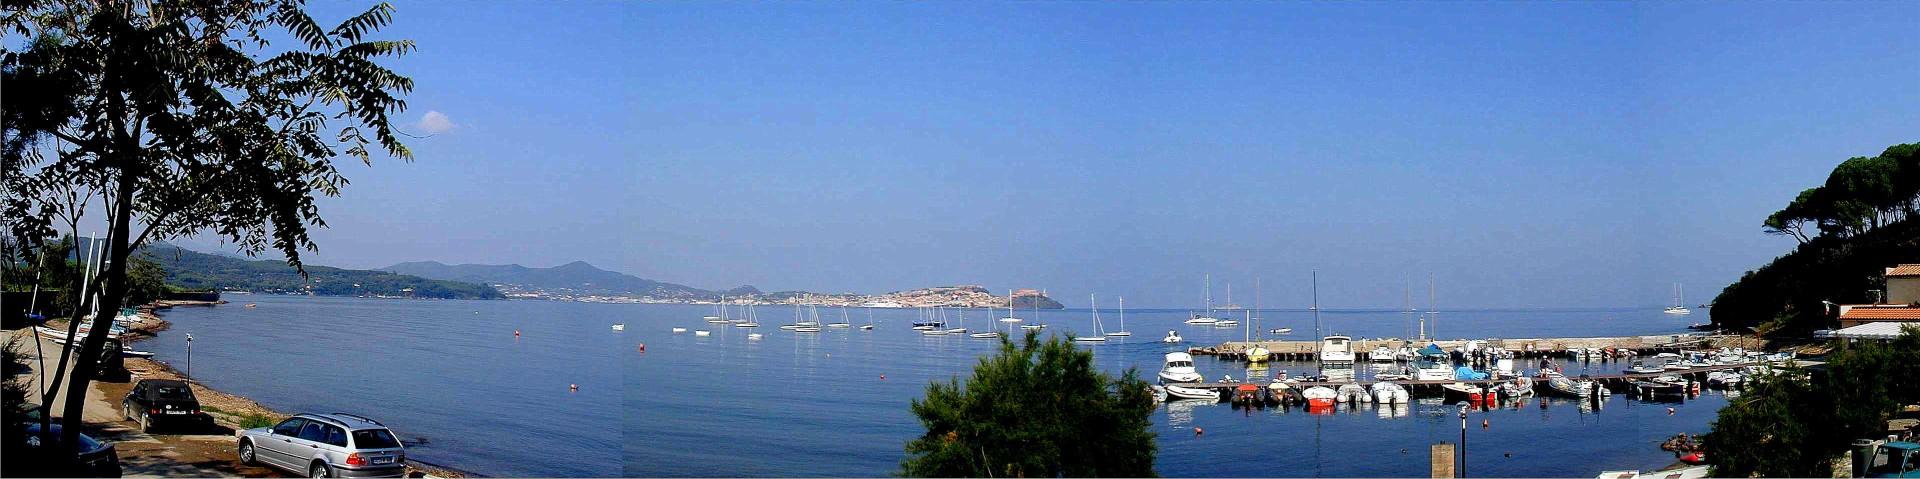 Golfo Magazzini, pohled přes záliv na Portoferraio